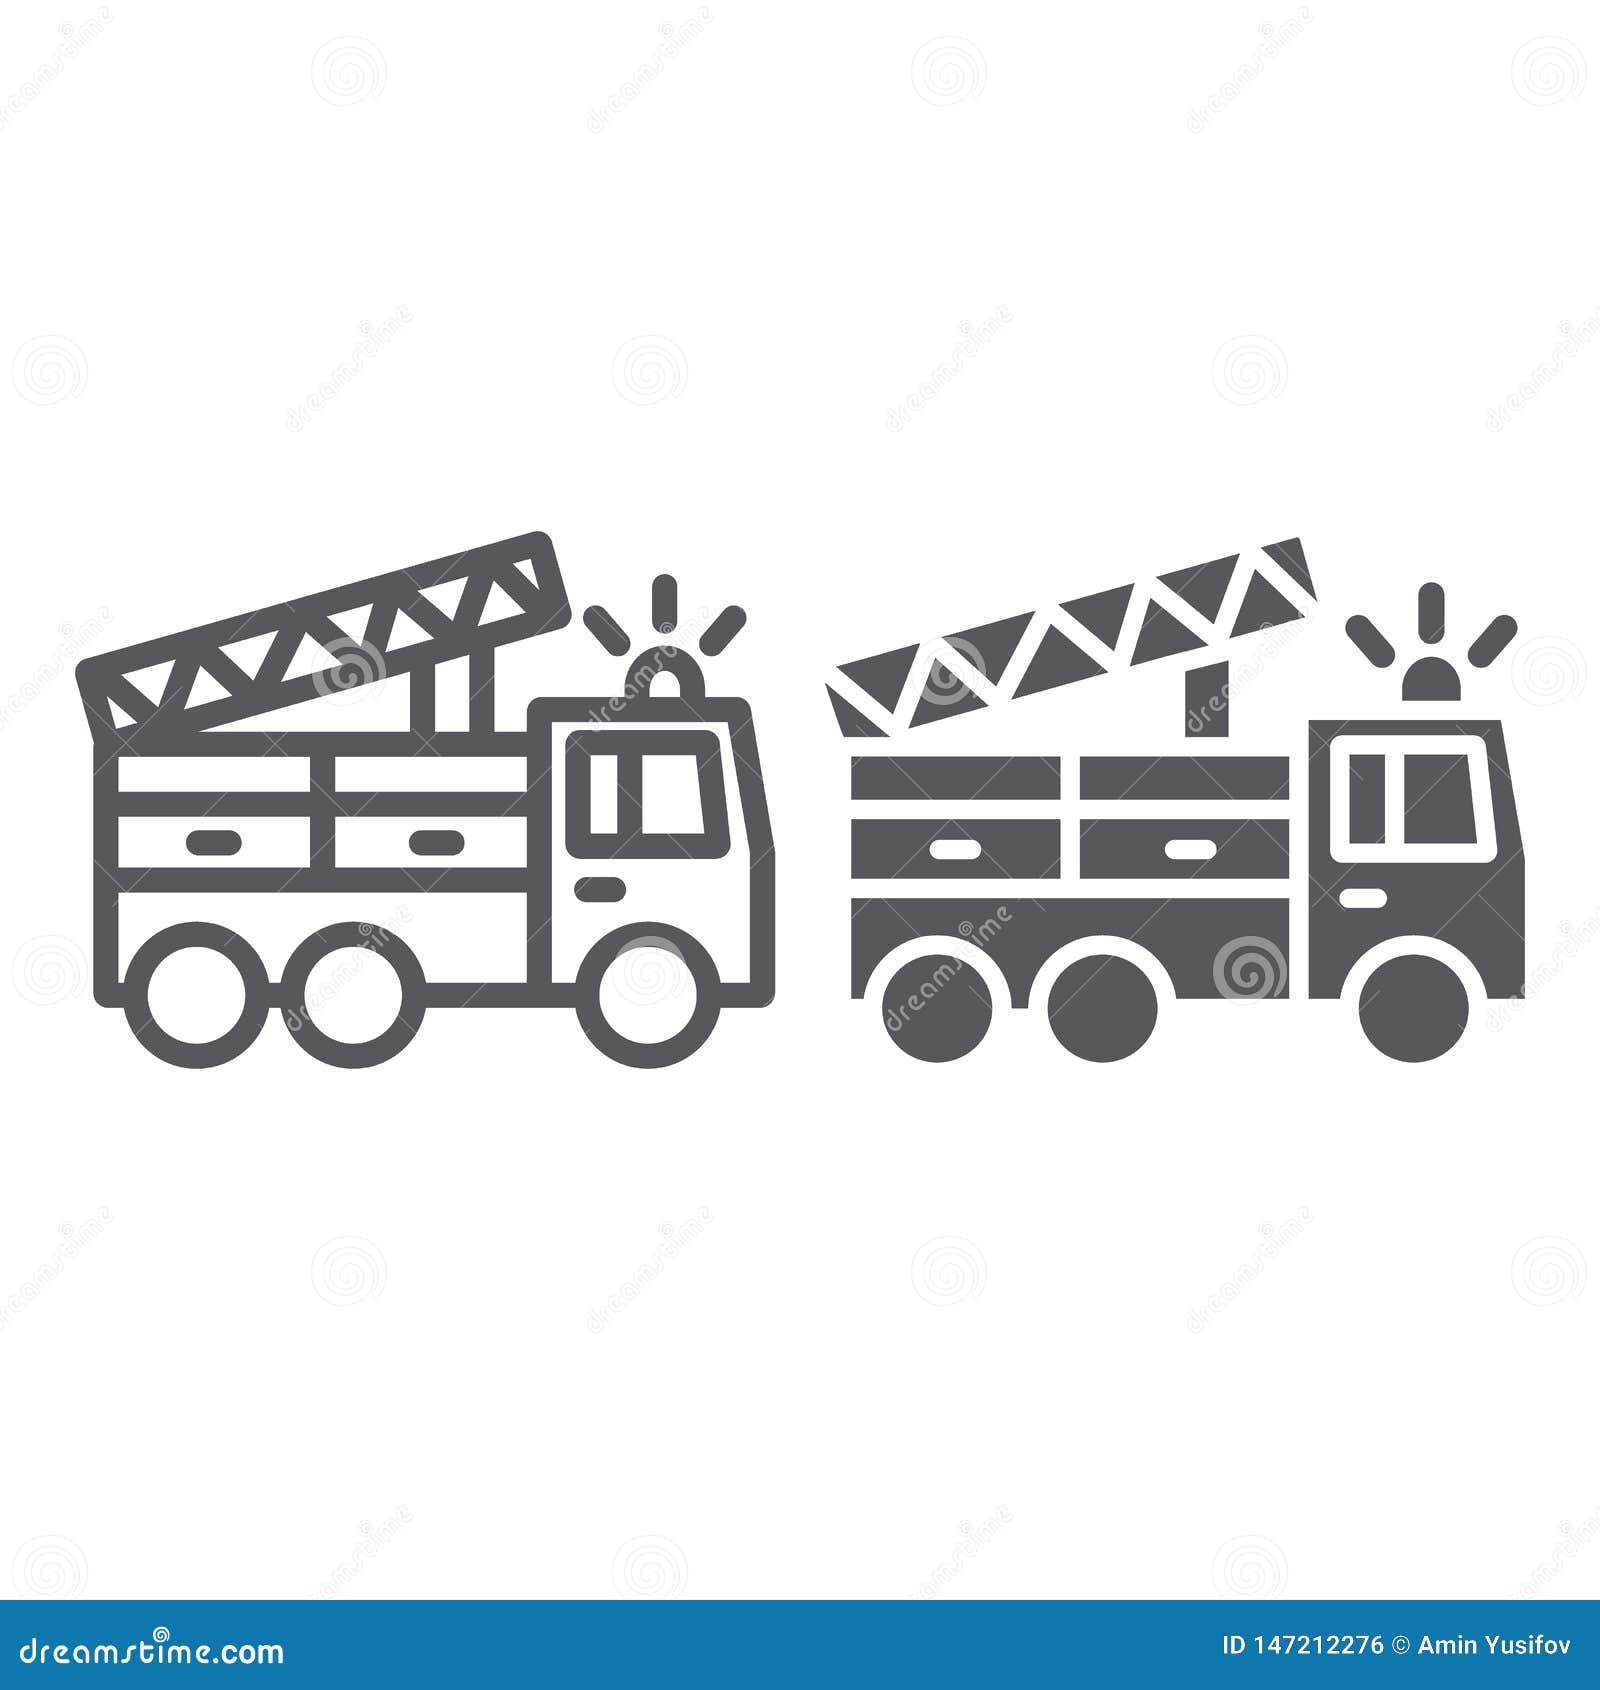 Γραμμή πυροσβεστικών οχημάτων και glyph εικονίδιο, μεταφορά και έκτακτη ανάγκη, σημάδι αυτοκινήτων πυροσβεστών, διανυσματική γραφ